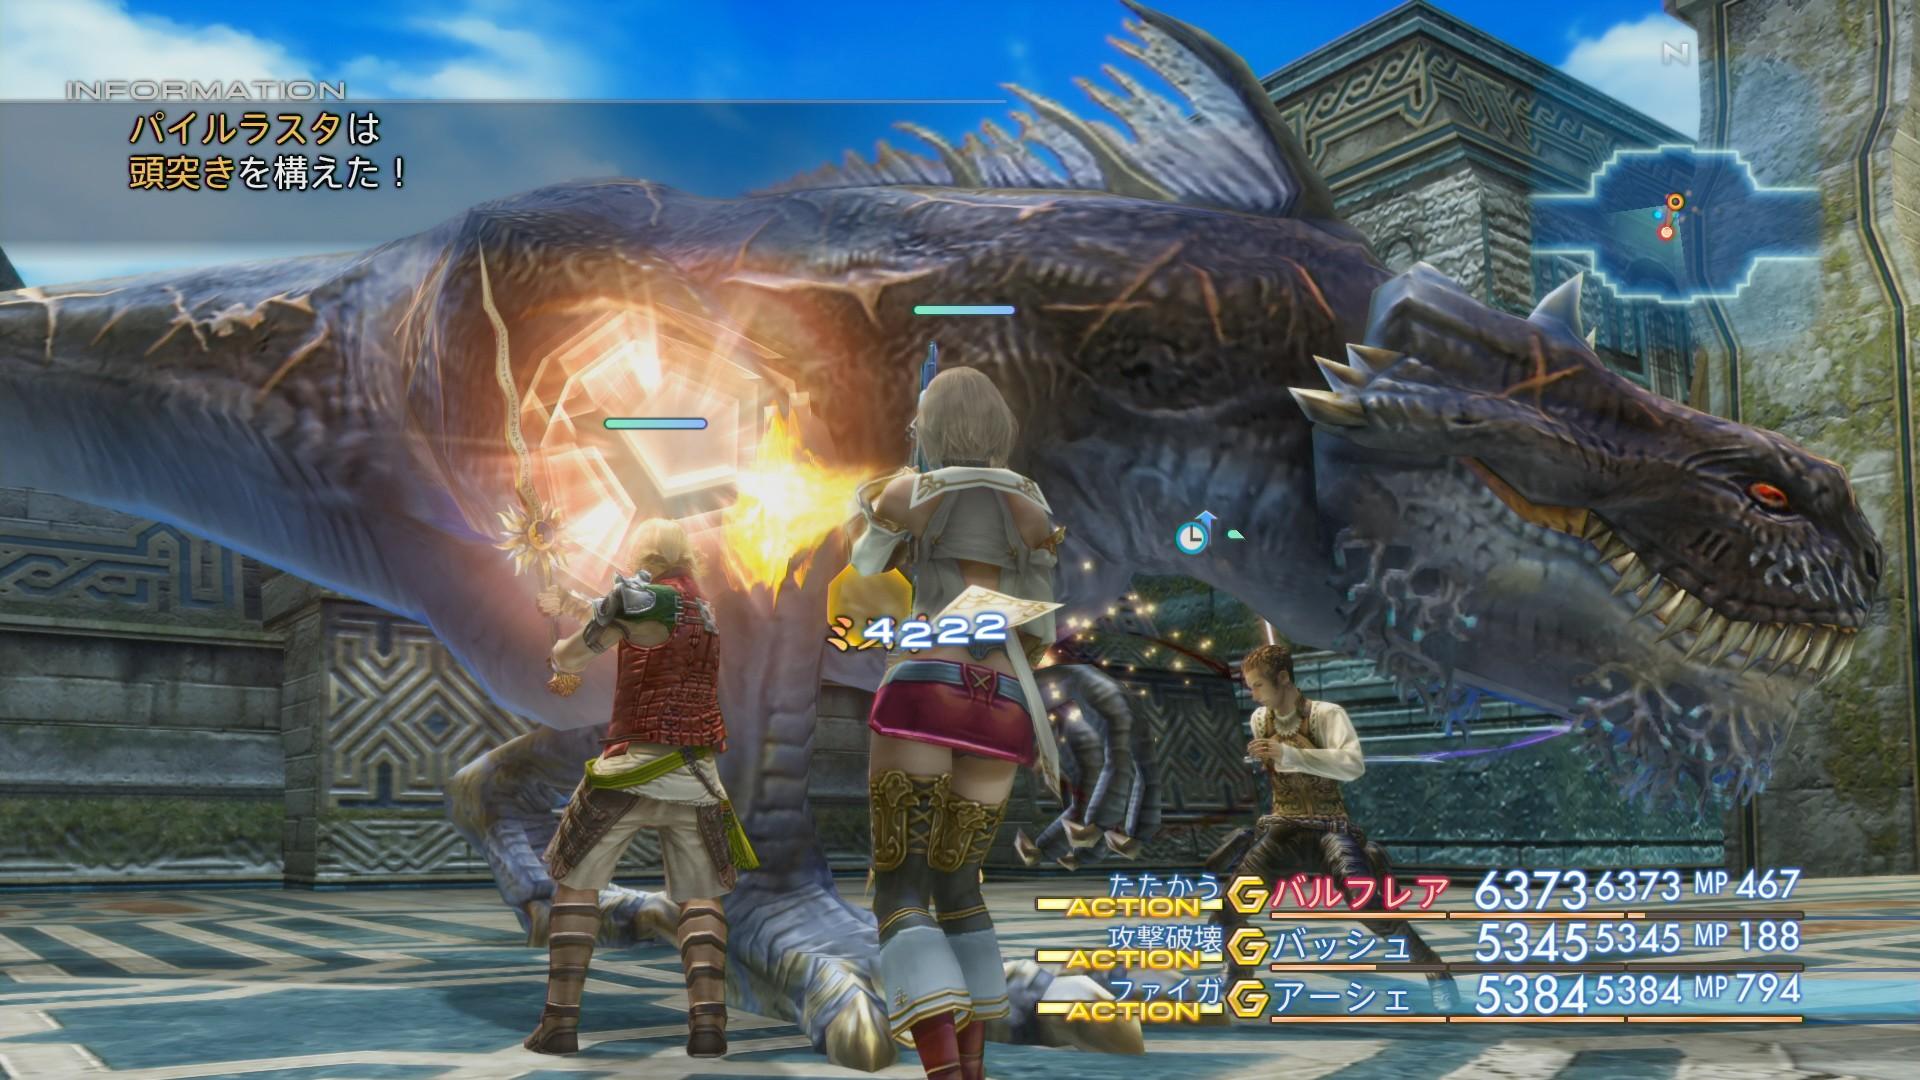 Lov, klany a nepřátelé z Final Fantasy XII: The Zodiac Age na screenshotech 146303